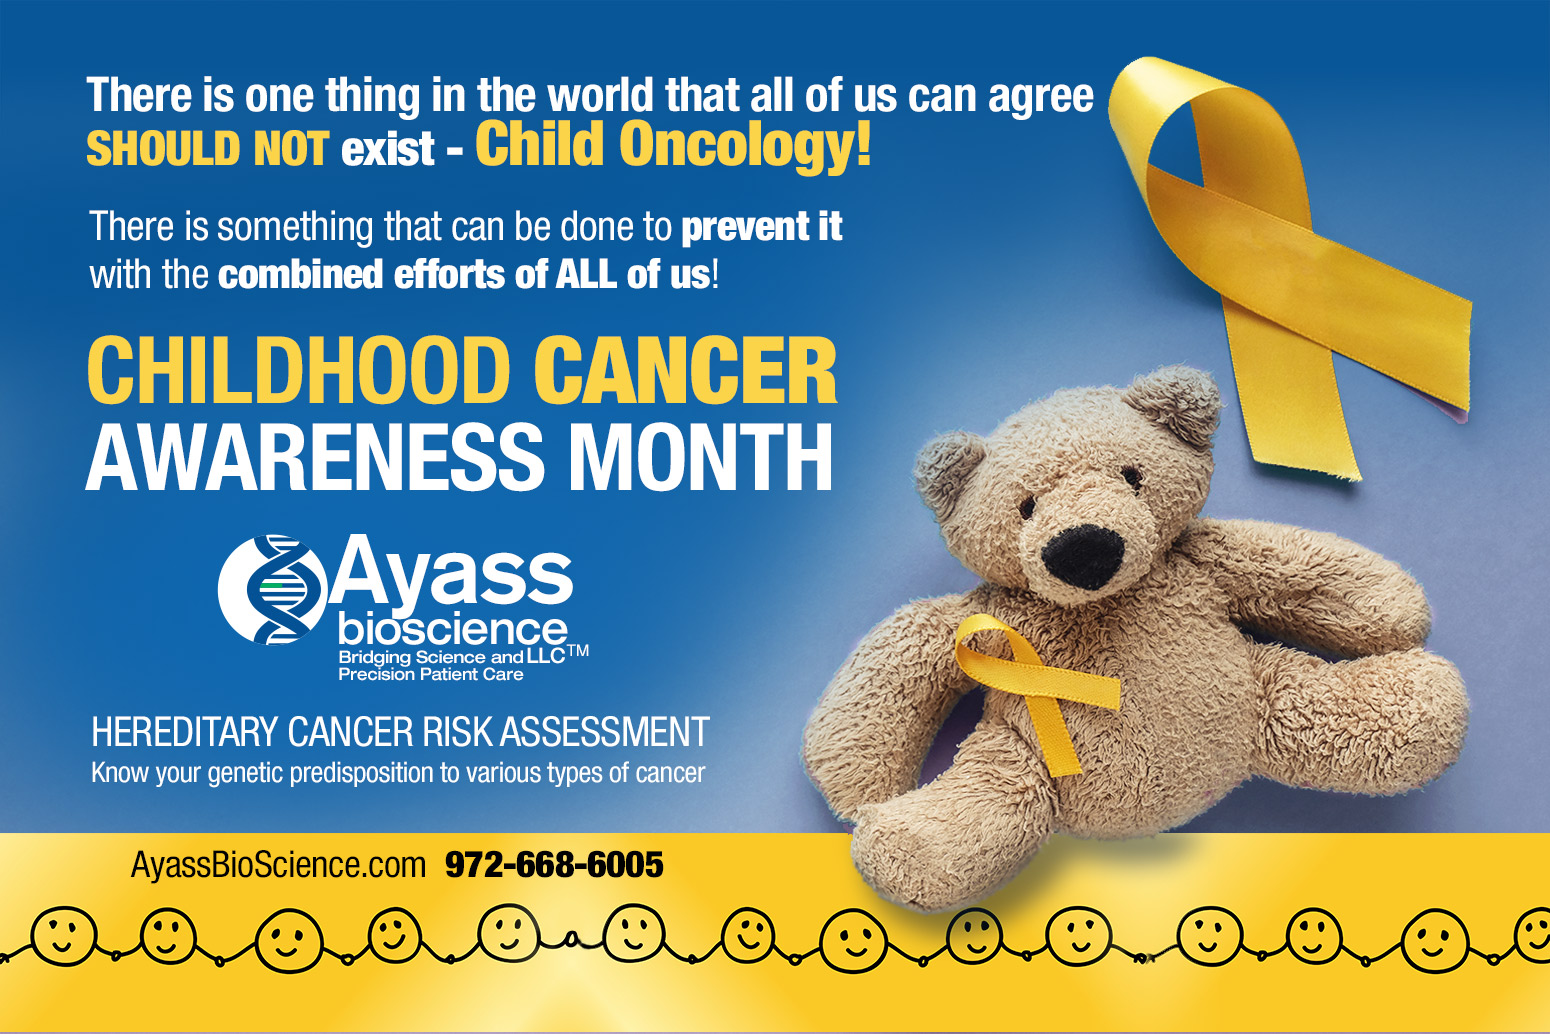 September – Childhood Cancer Awareness Month